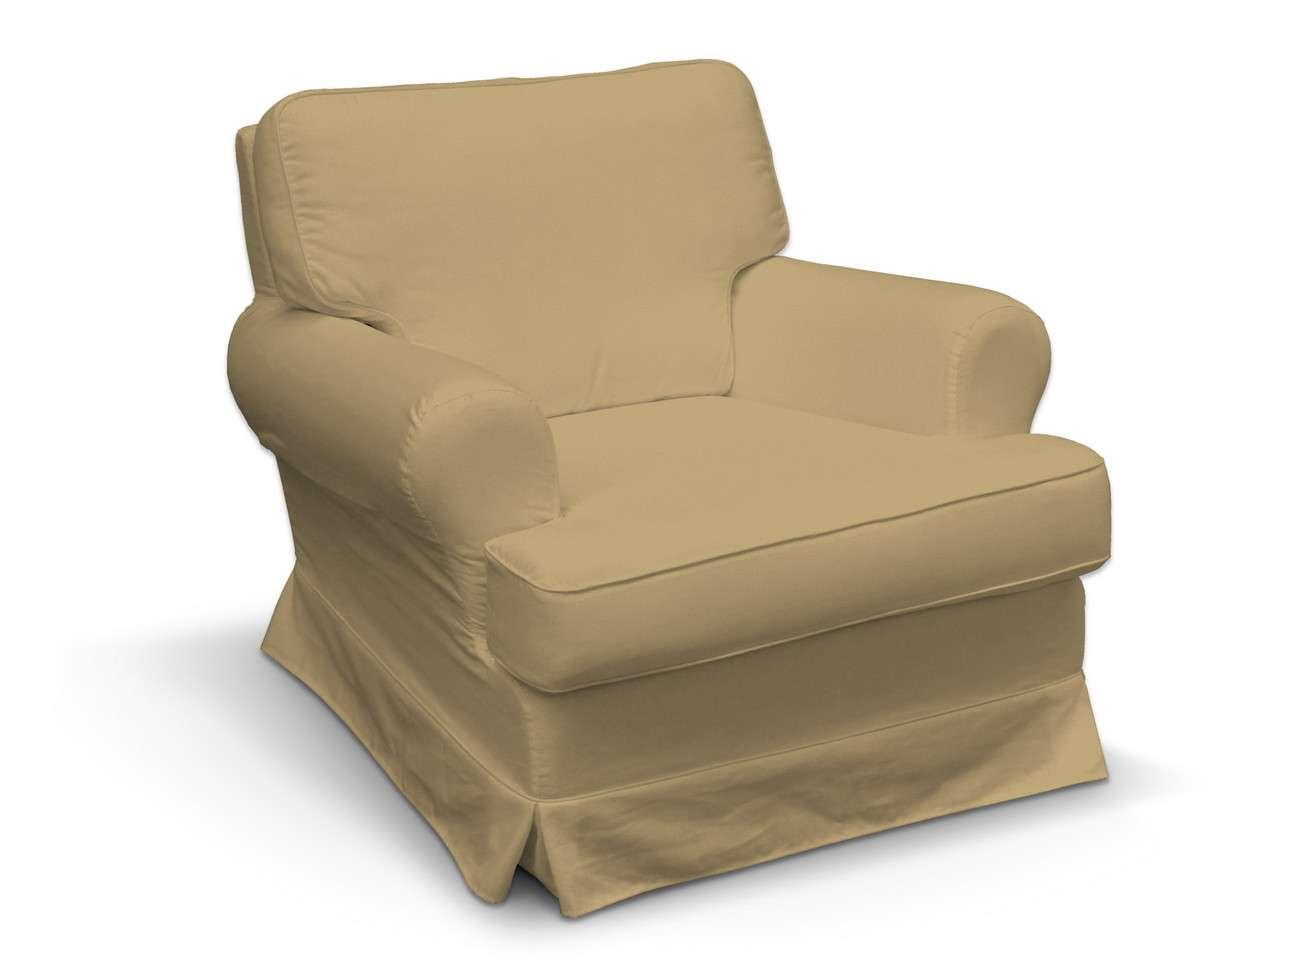 Pokrowiec na fotel Barkaby w kolekcji Living, tkanina: 160-93